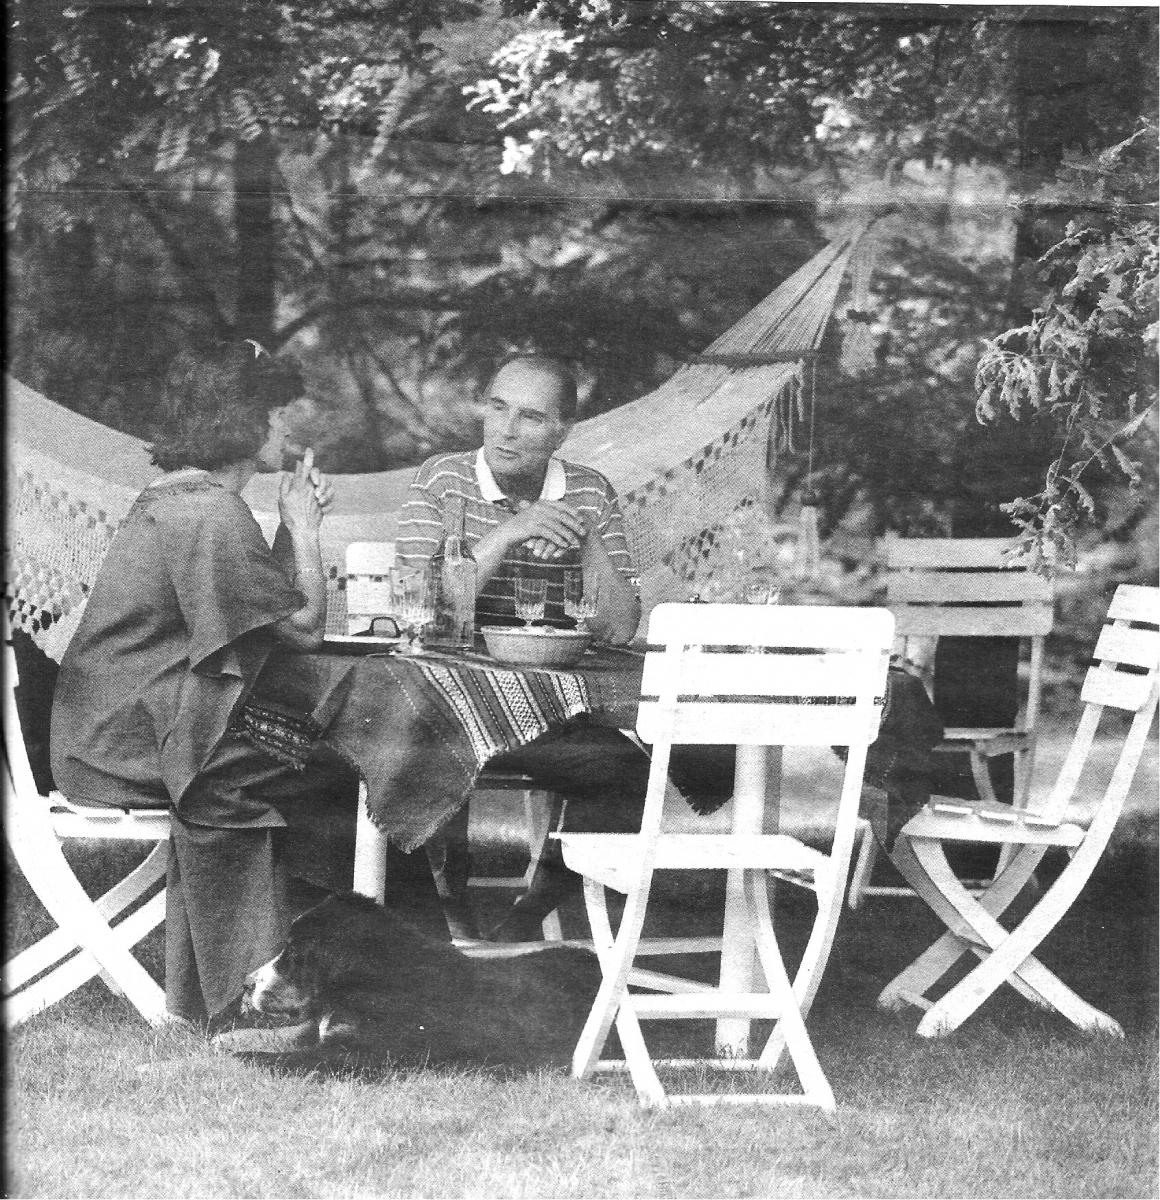 Il y a 40 ans... Voyage en Mitterrandie (I) la nature et les livres à Latche